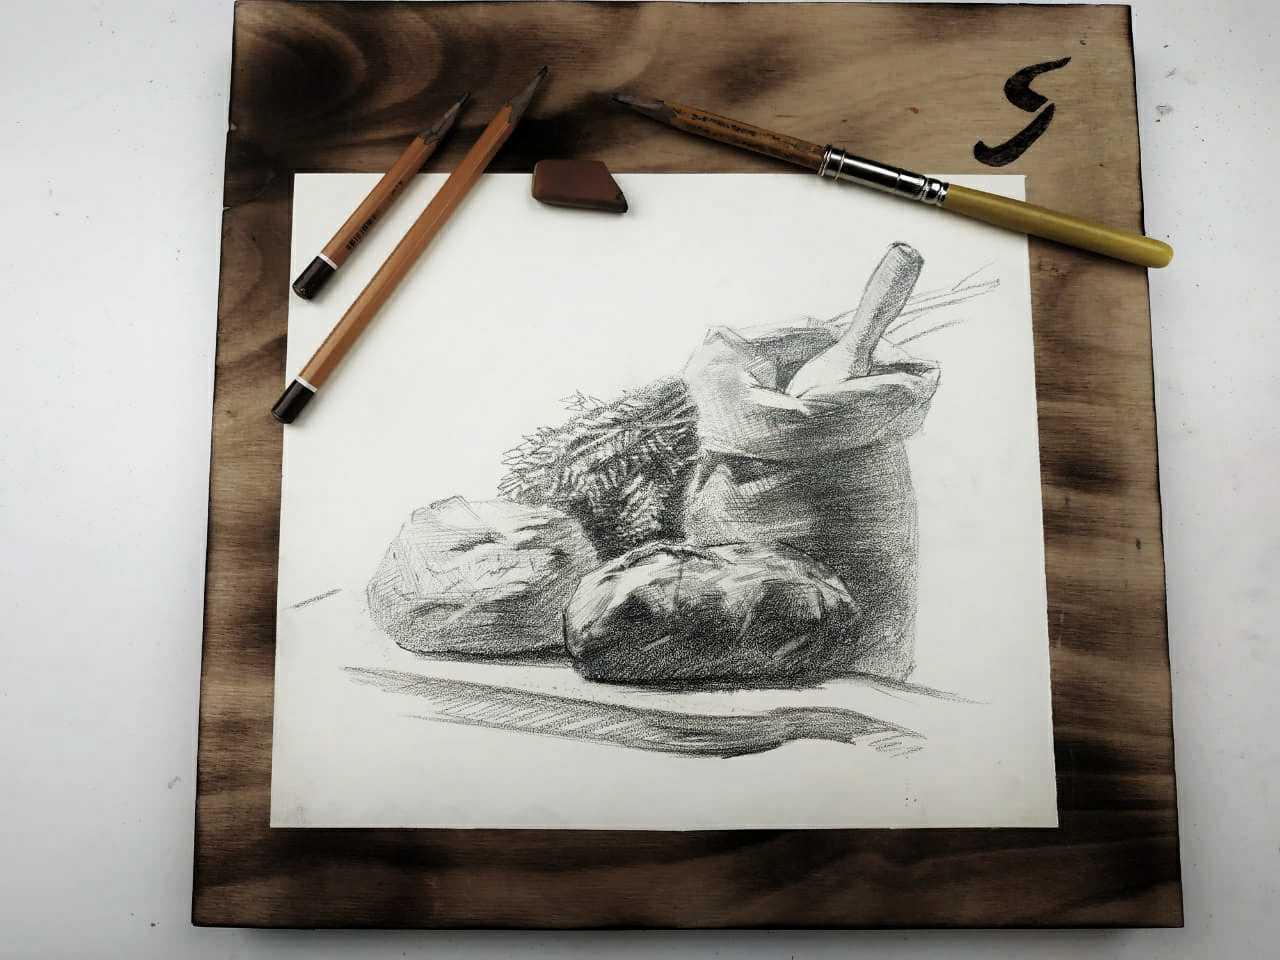 Онлайн мастер-класс по графике «Свежий хлеб»